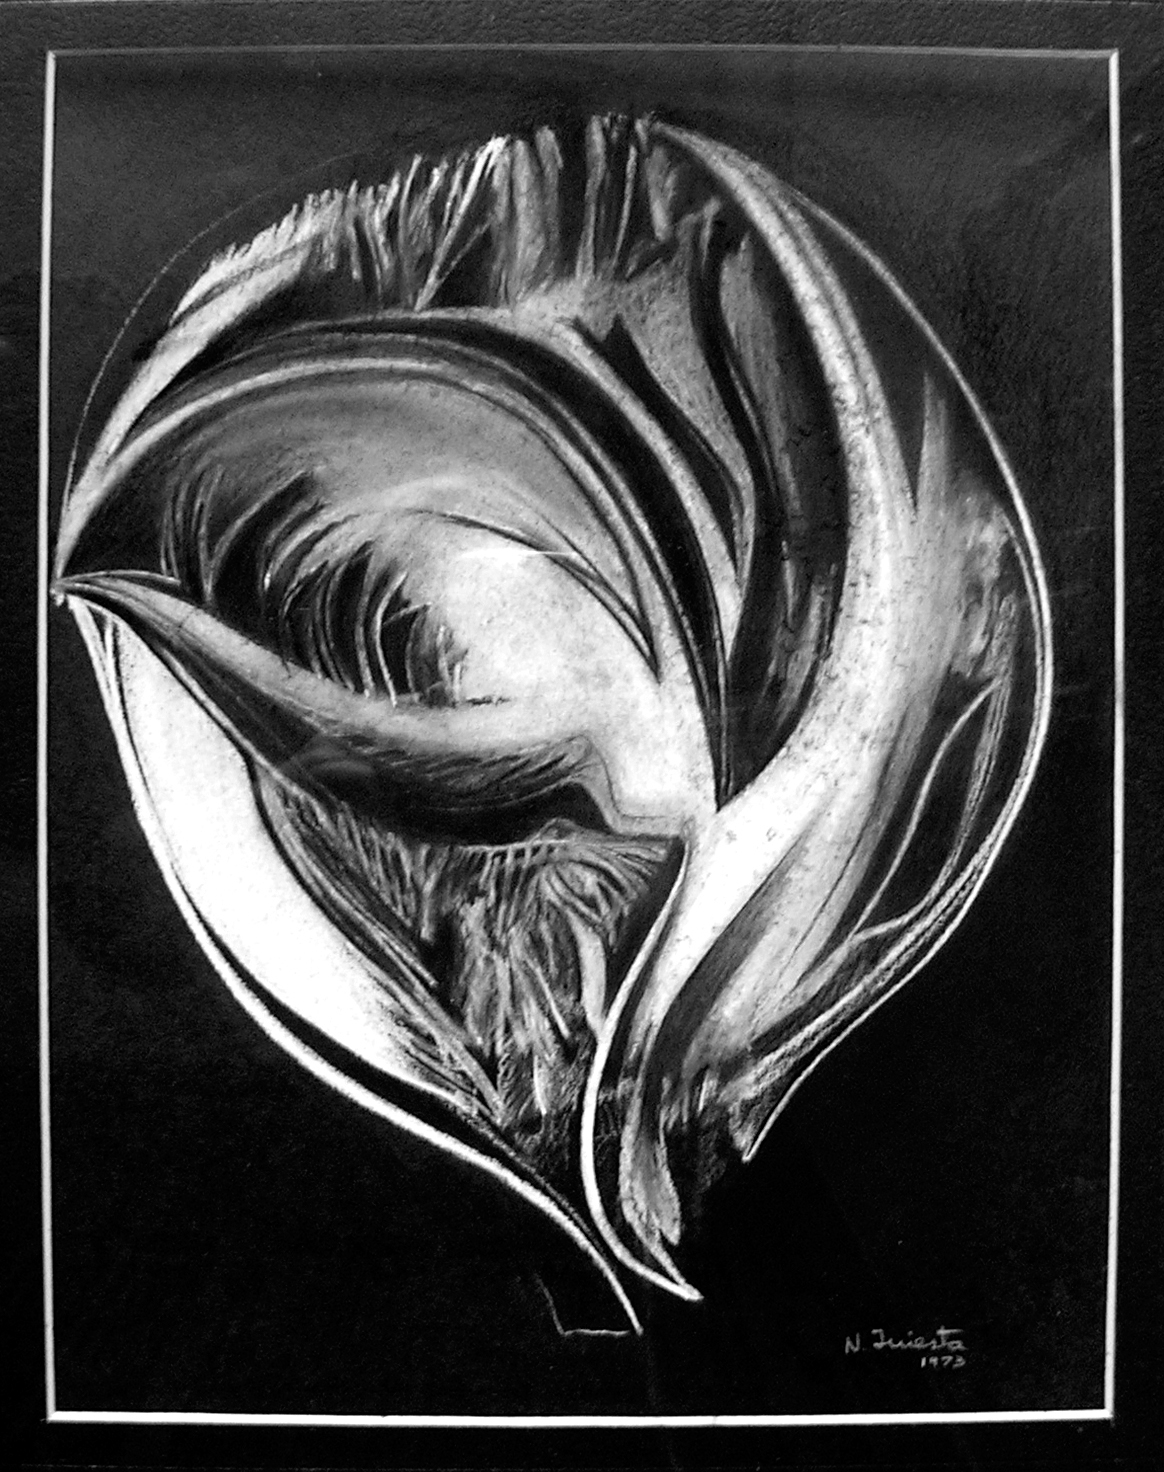 Mundo, dibujo lápiz blanco 29,5x 22,5 cm, 1973